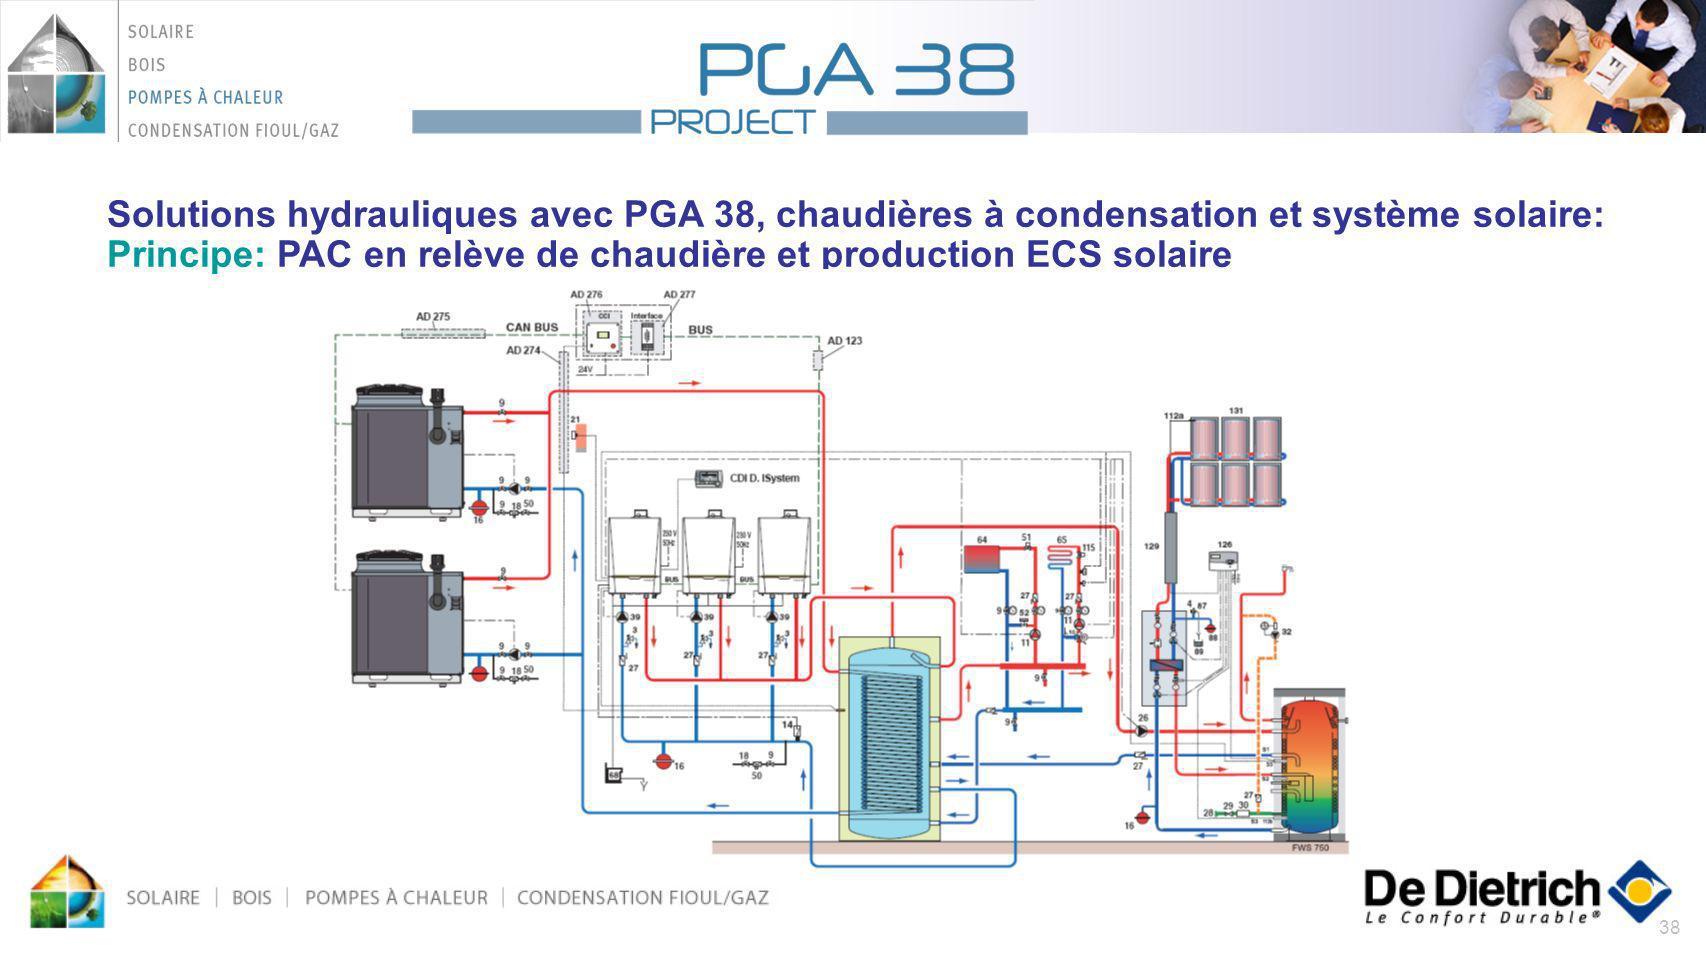 38 Solutions hydrauliques avec PGA 38, chaudières à condensation et système solaire: Principe: PAC en relève de chaudière et production ECS solaire